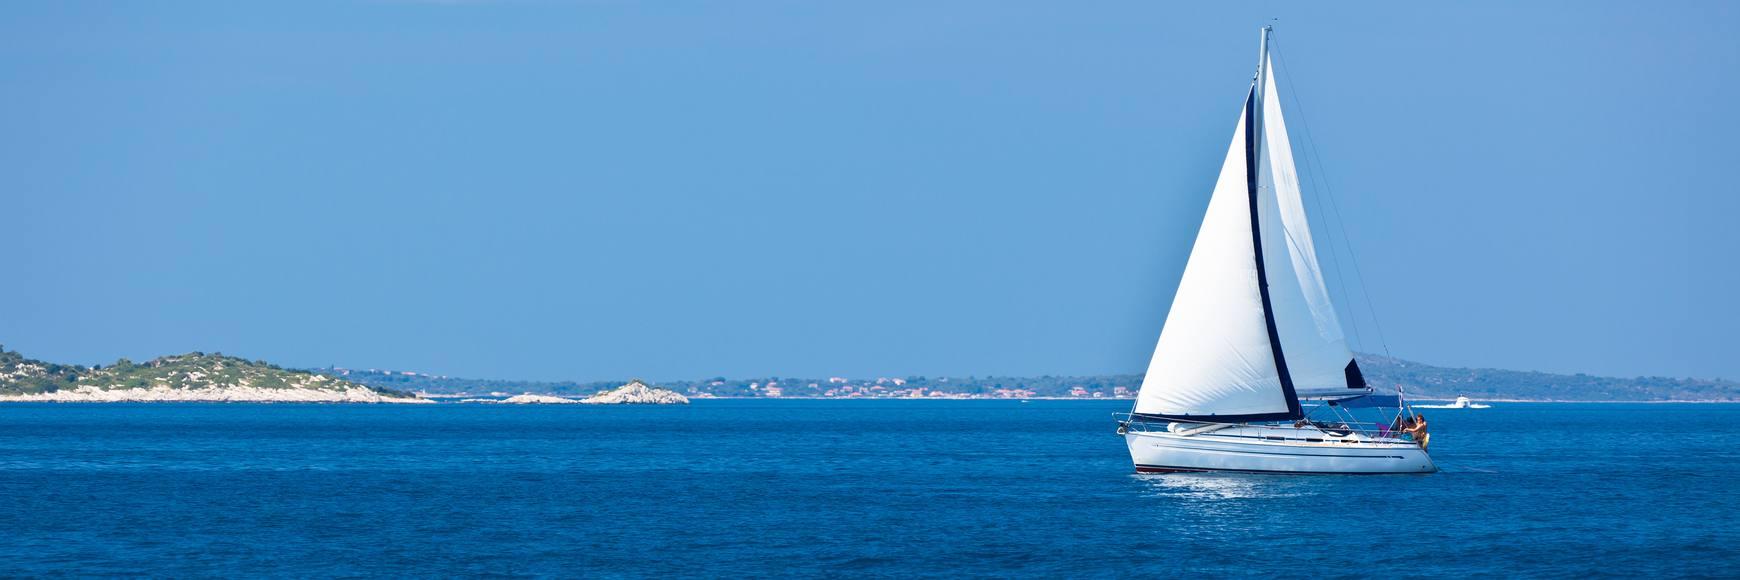 Location bateau moteur Îles Vierges britanniques